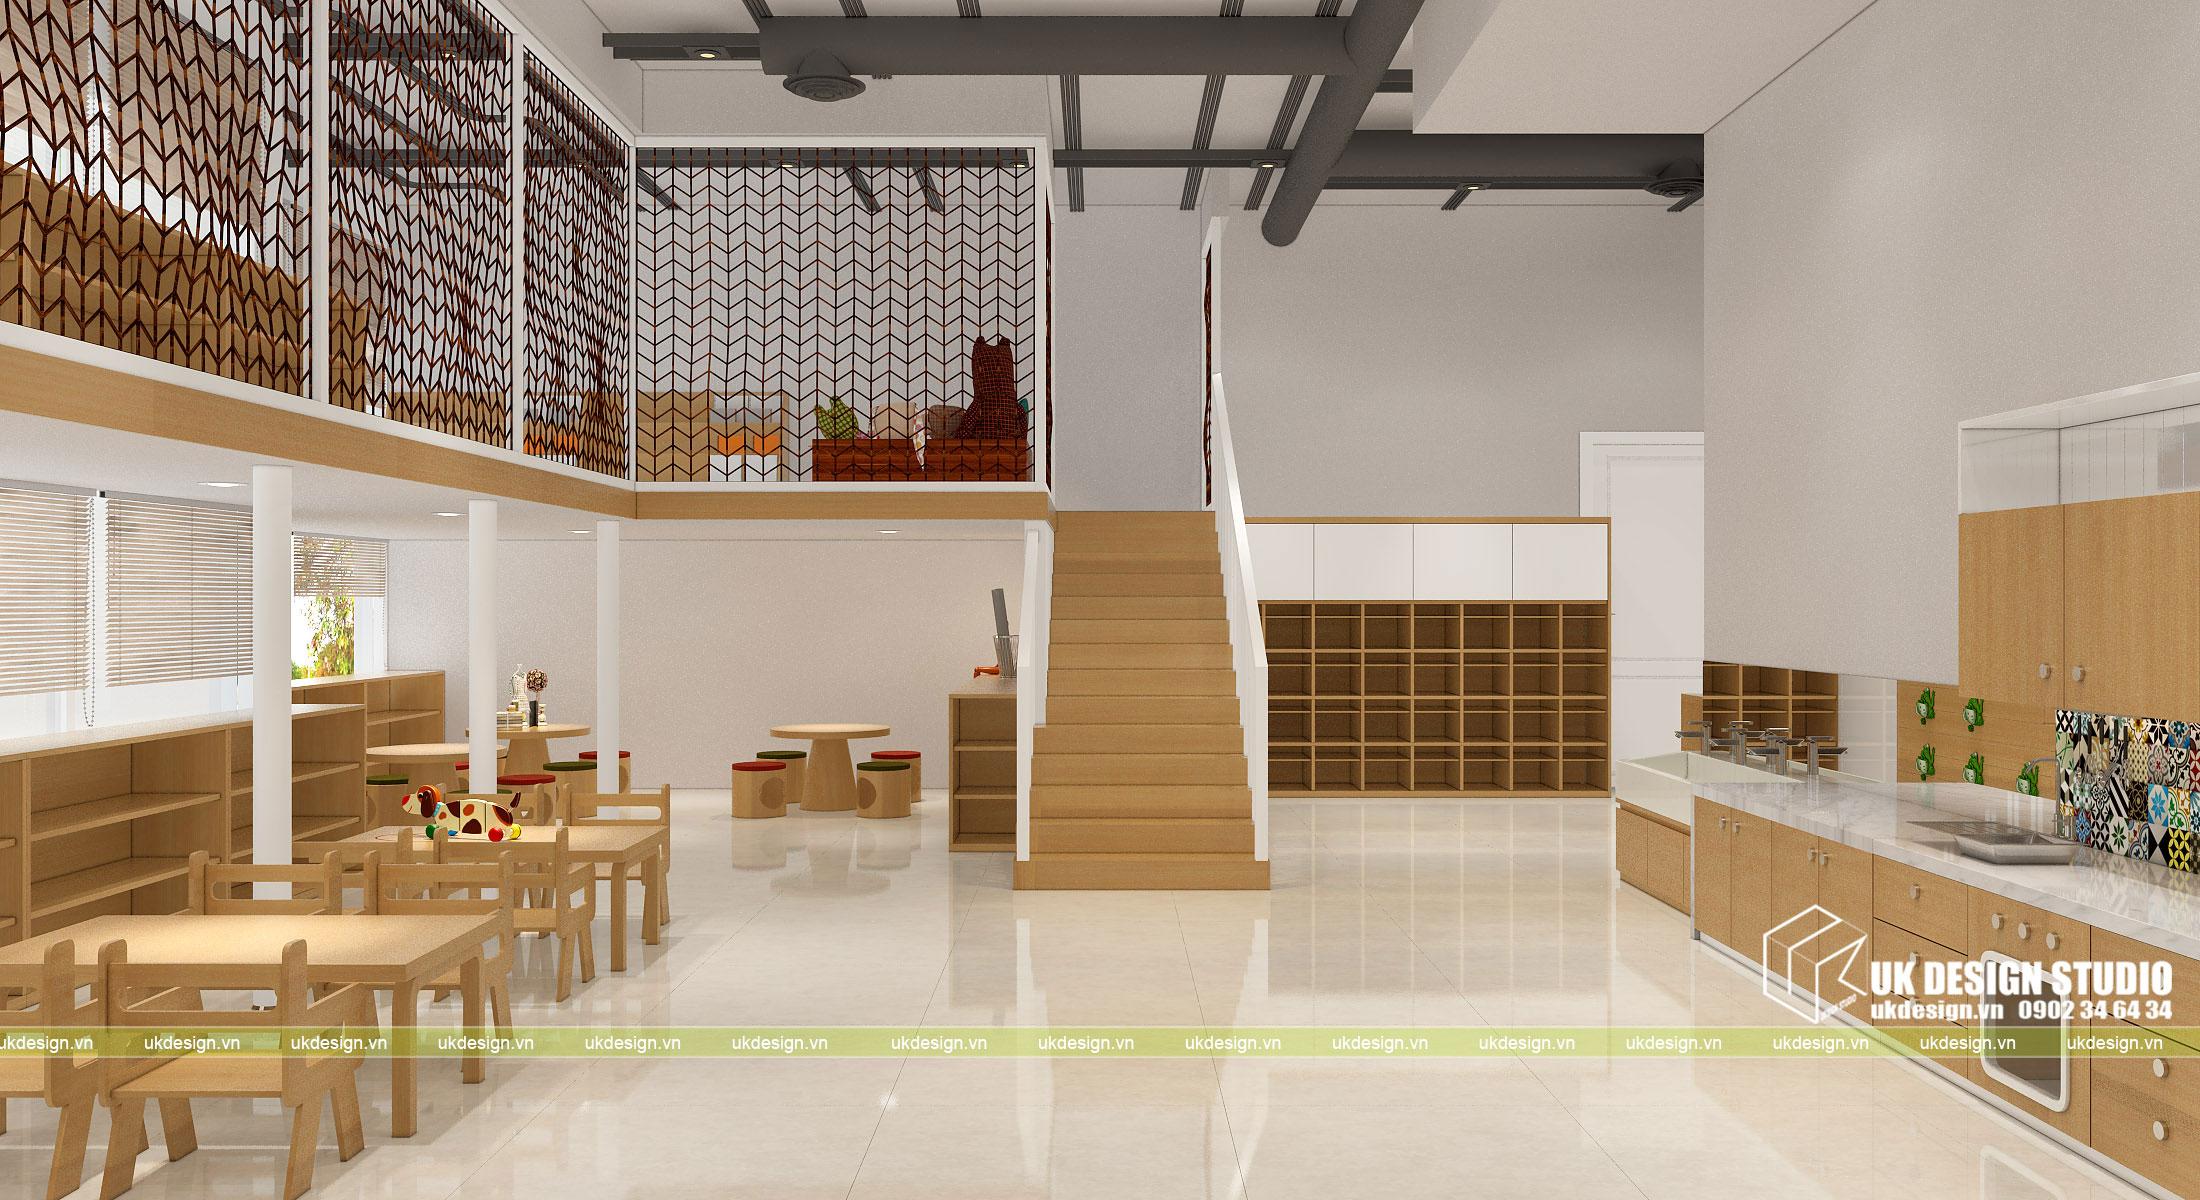 Thiết kế nội thất nhà trẻ 3